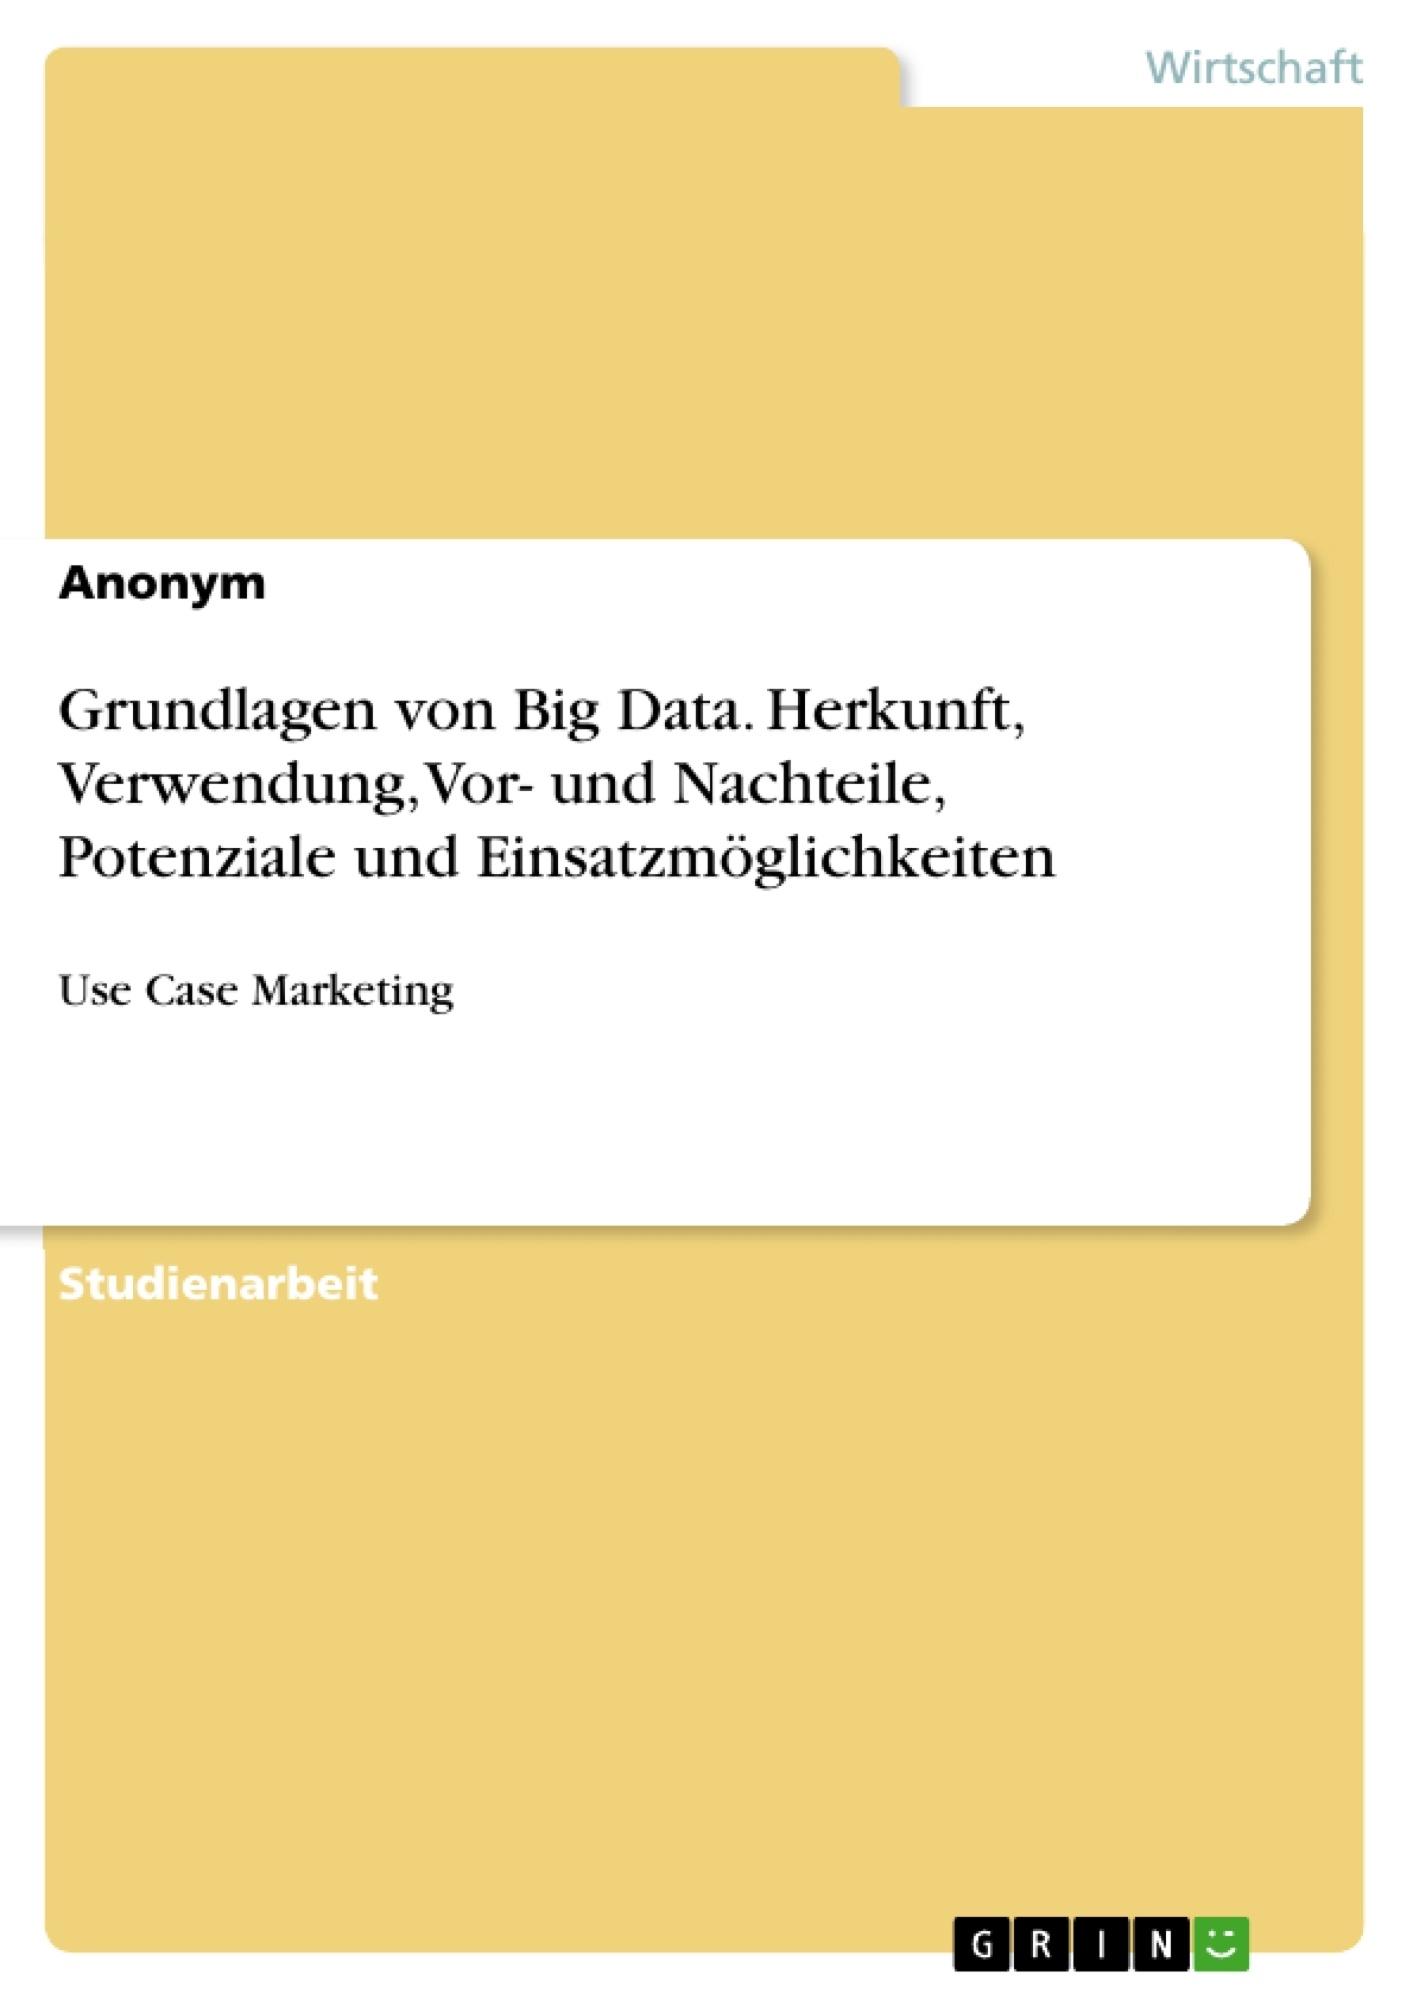 Titel: Grundlagen von Big Data. Herkunft, Verwendung, Vor- und Nachteile, Potenziale und Einsatzmöglichkeiten